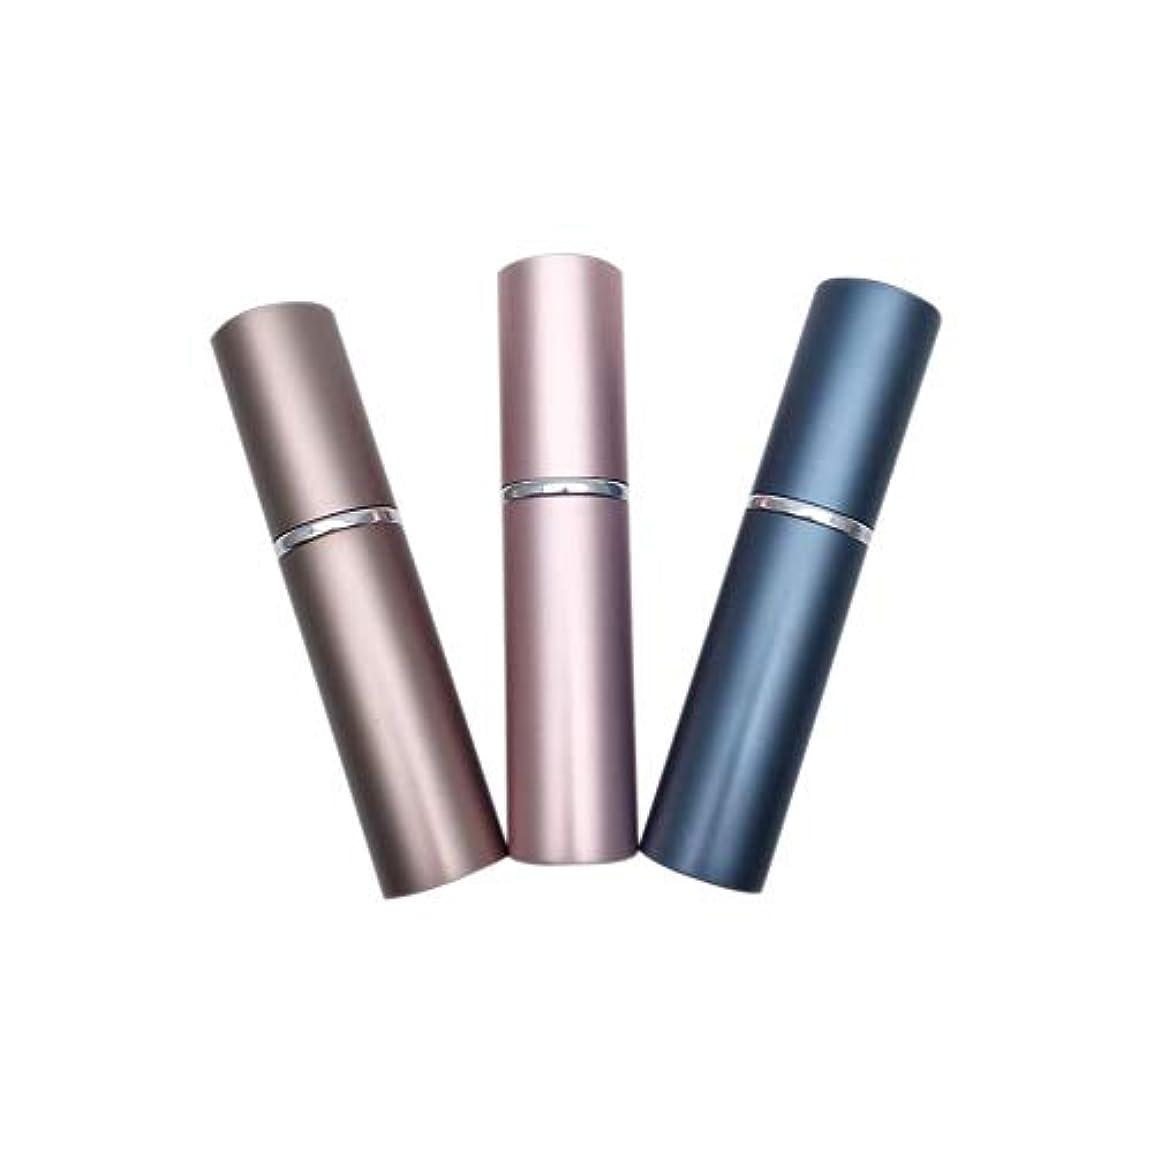 優遇不愉快に関係するアトマイザー 香水 詰め替え容器 スプレーボトル 小分けボトル トラベルボトル 旅行携帯便利 (6ml)